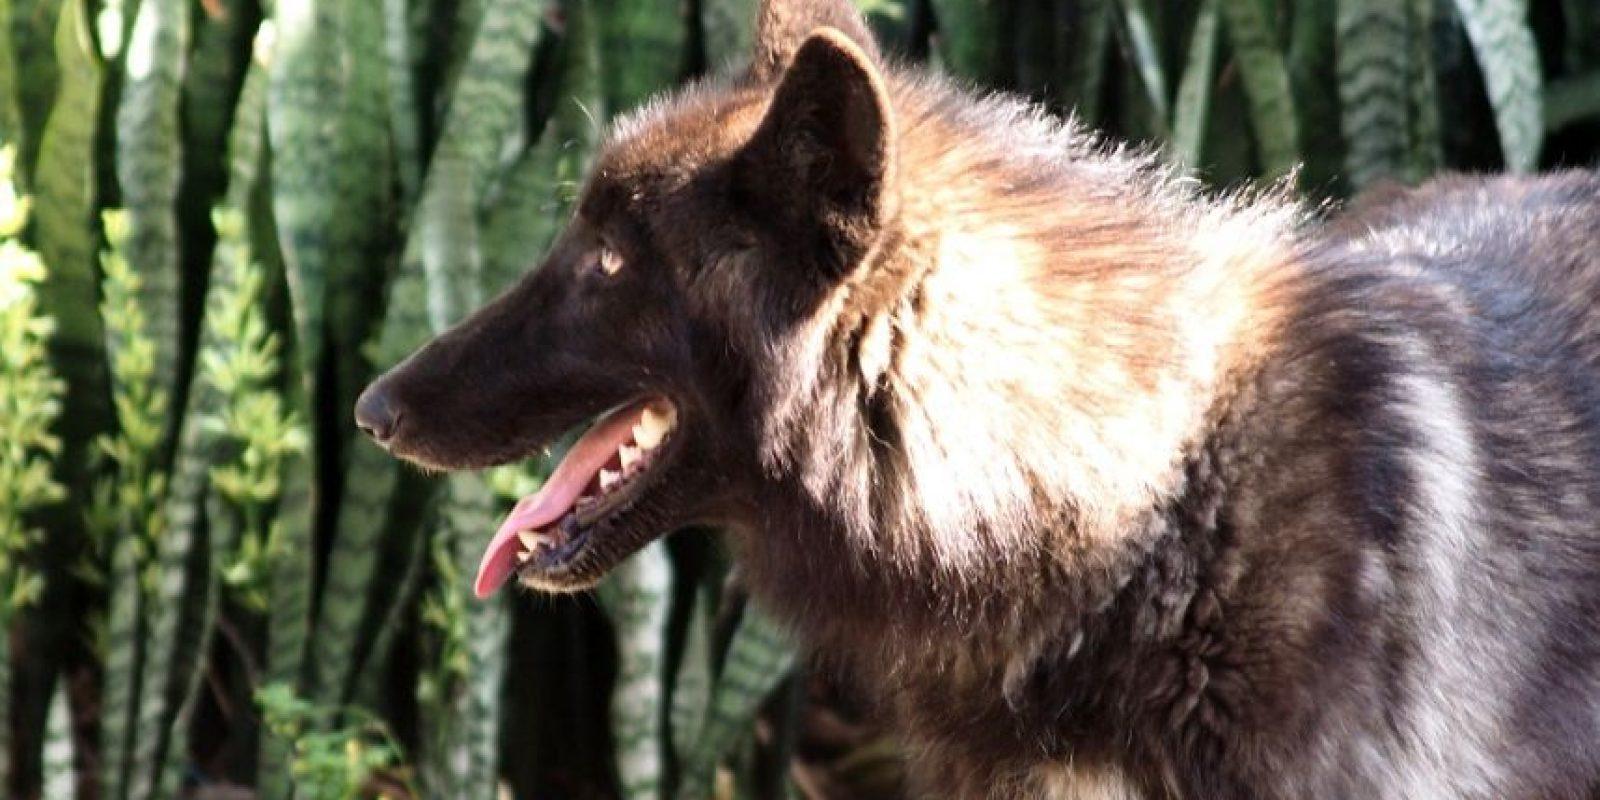 Foto:Cortesía Parque Zoológico Santa Fe Medellin